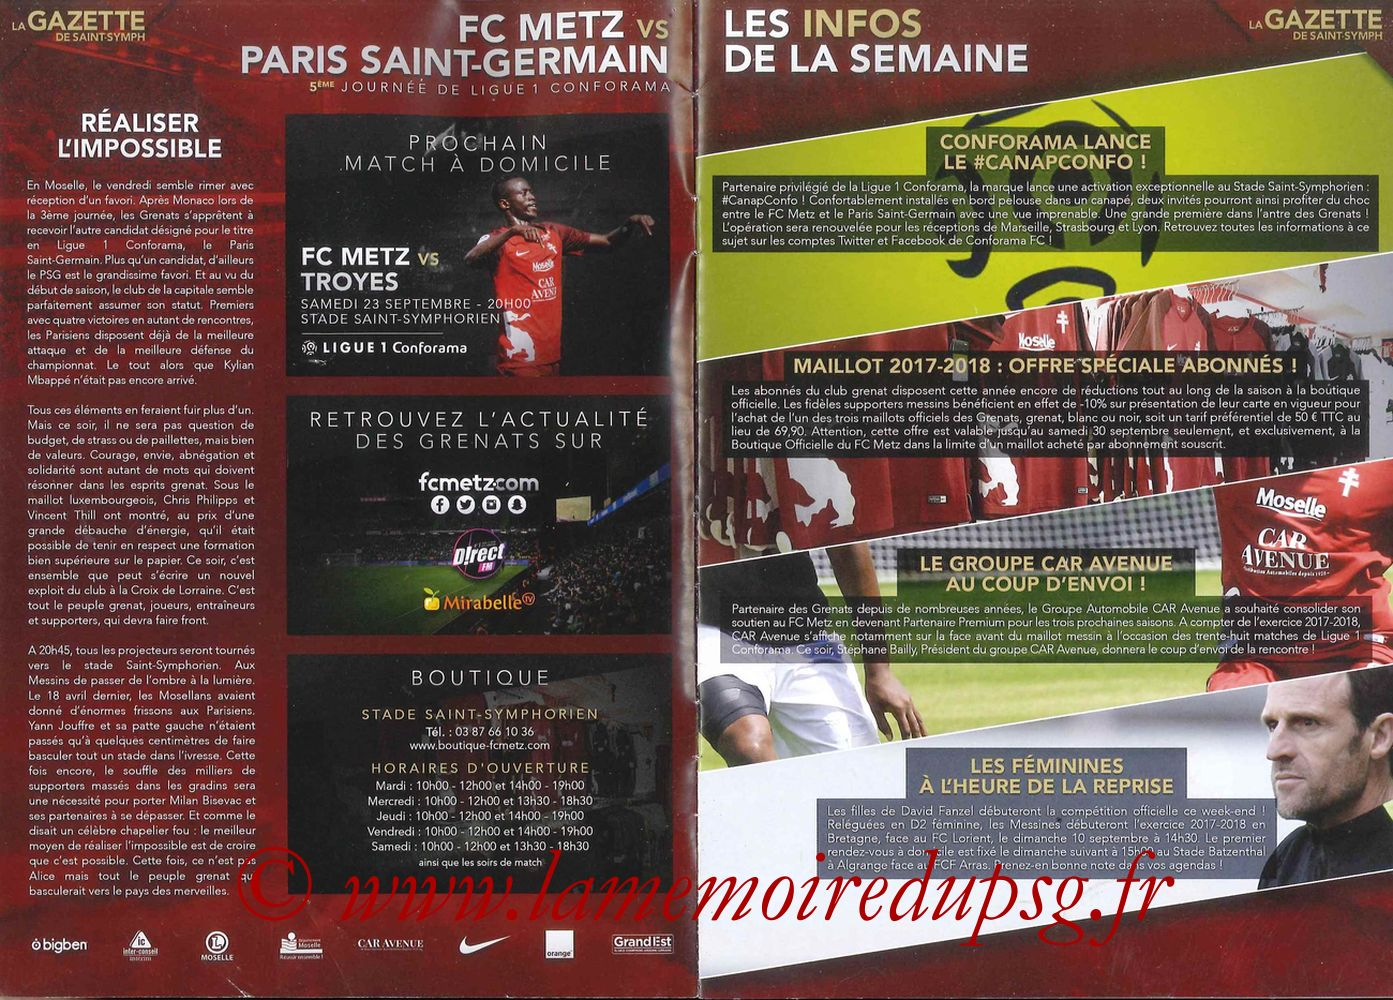 2017-09-08  Metz-PSG ((5ème L1, La Gazette de Saint-Symph) - Pages 02 et 03